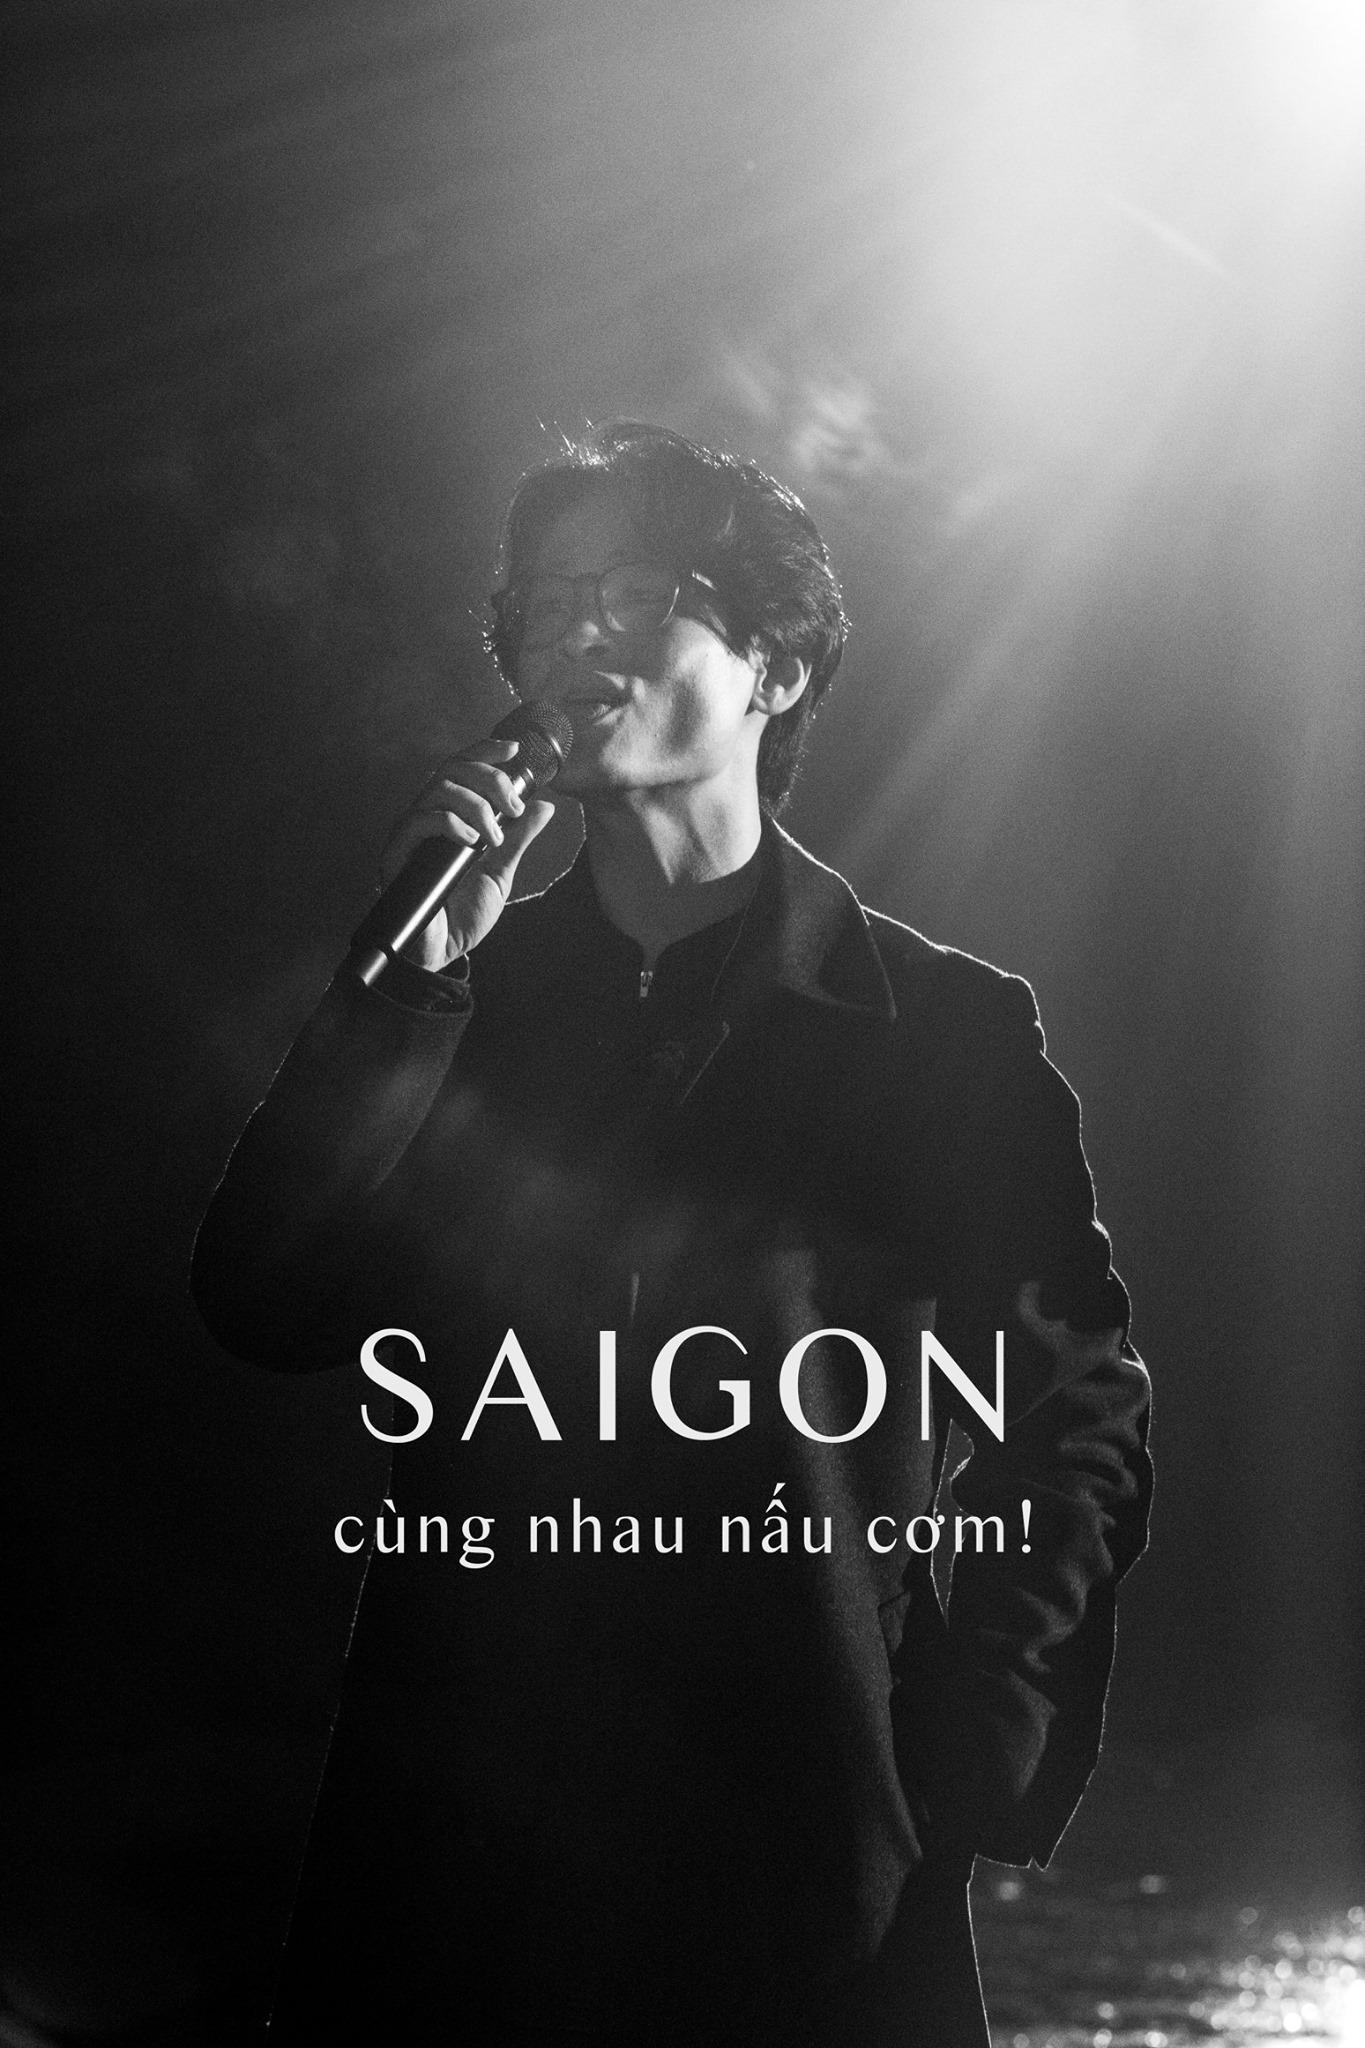 Tấm lòng của ca sĩ Hà Anh Tuấn Khi mệt, cả Sài Gòn sẽ cùng nhau nấu cơm. Ảnh: facebook ca sĩ Hà Anh Tuấn